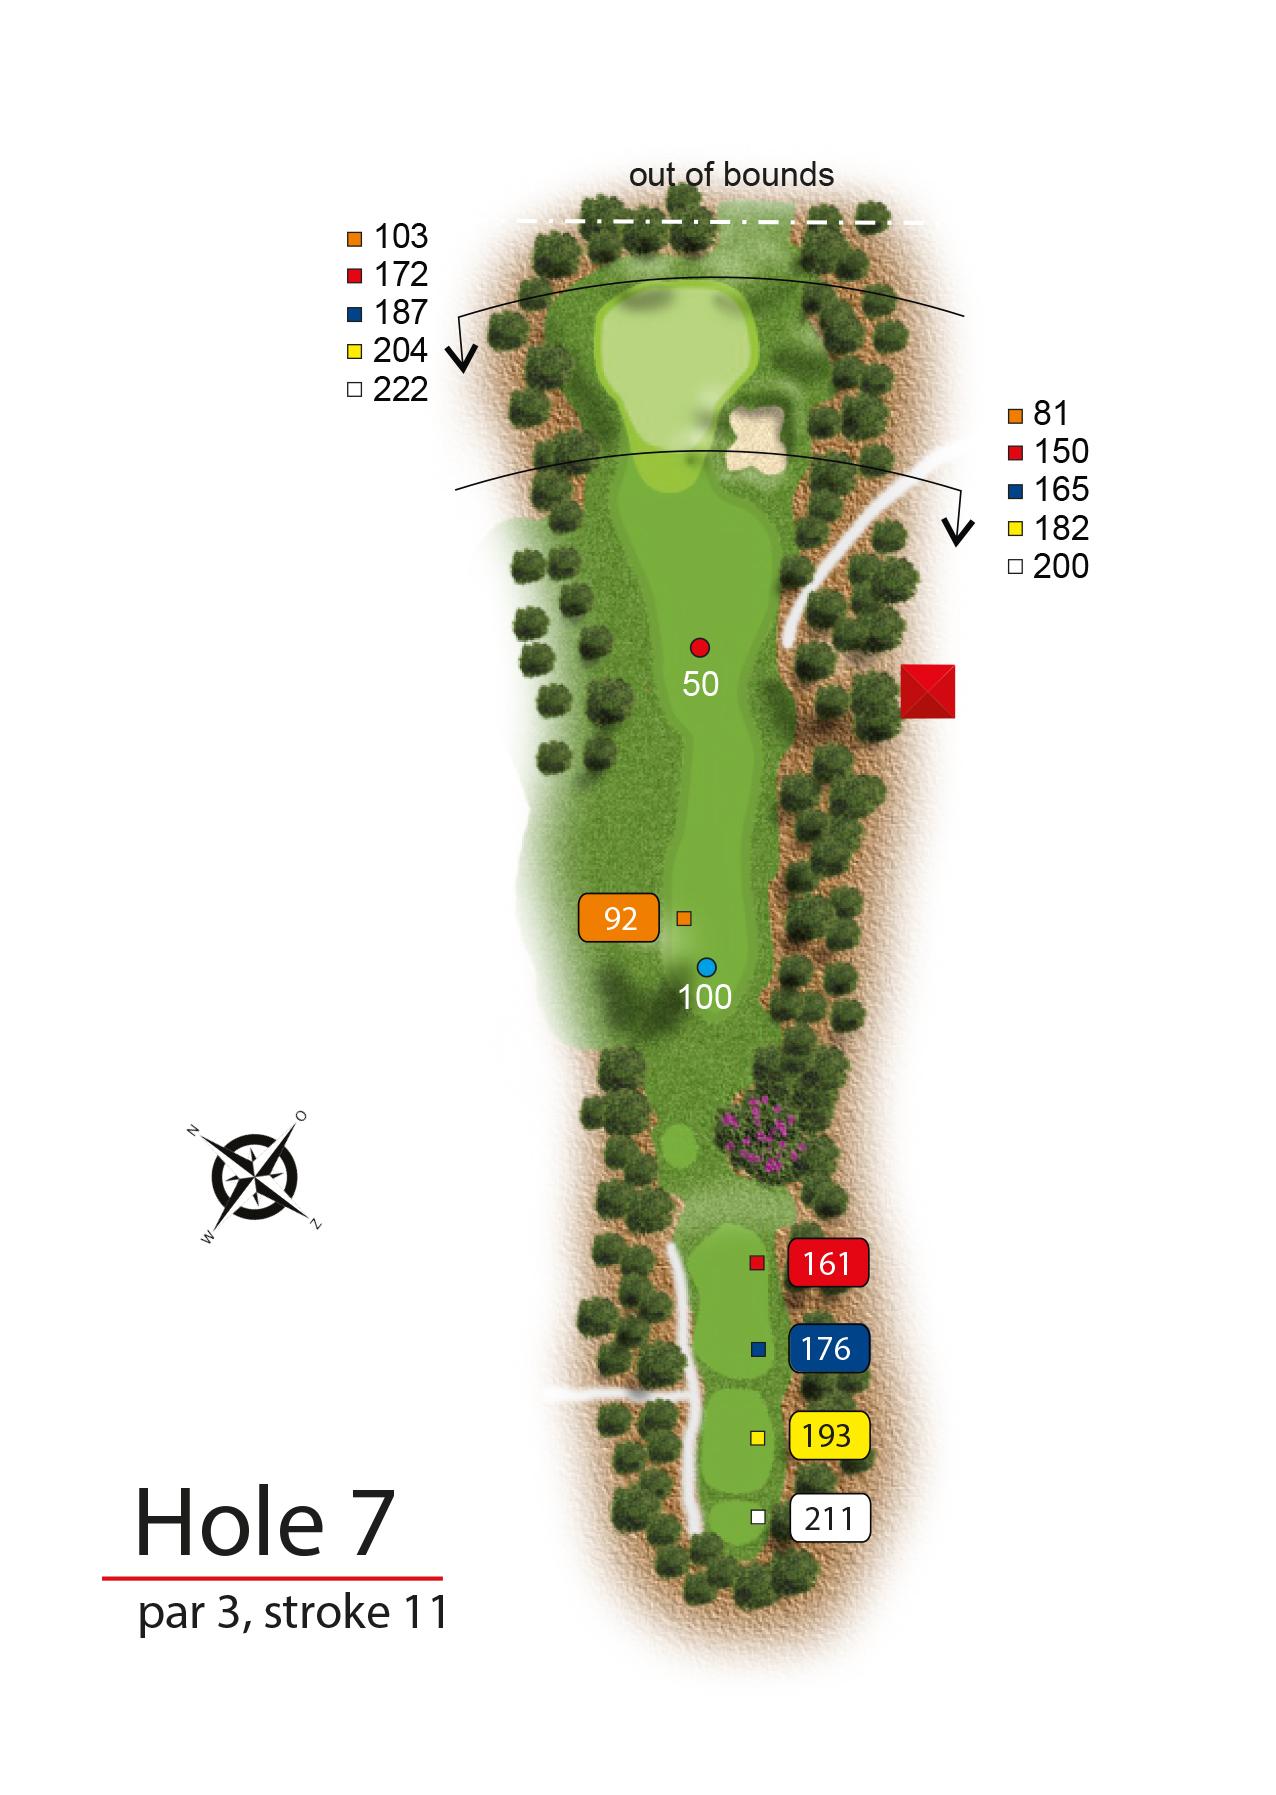 Hole 7 - simple